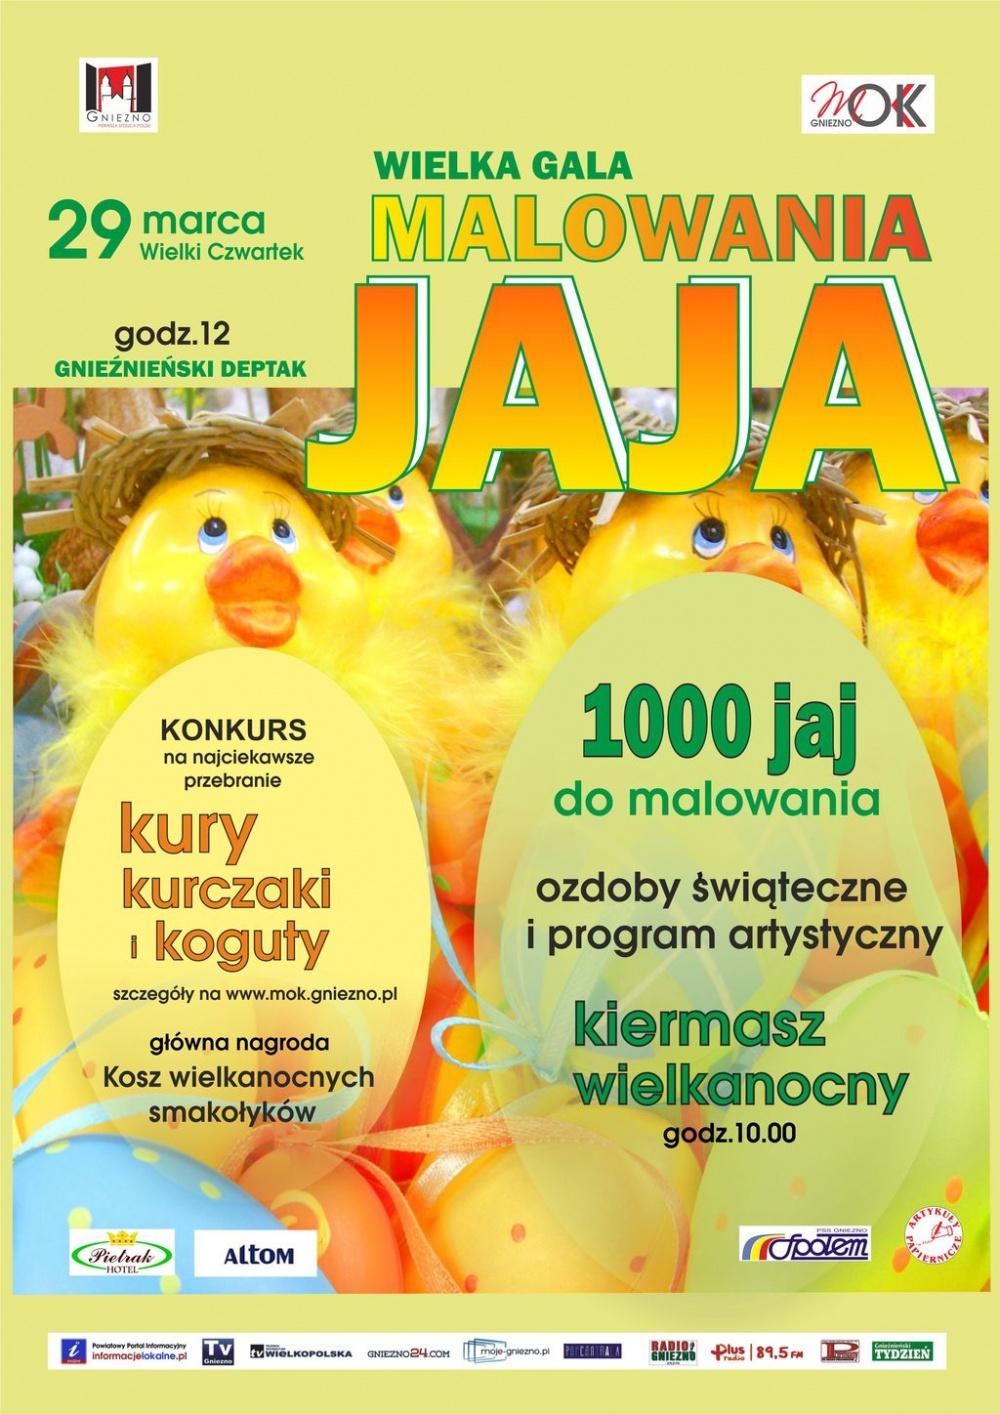 Wielka Gala Malowania jaja już 29 marca